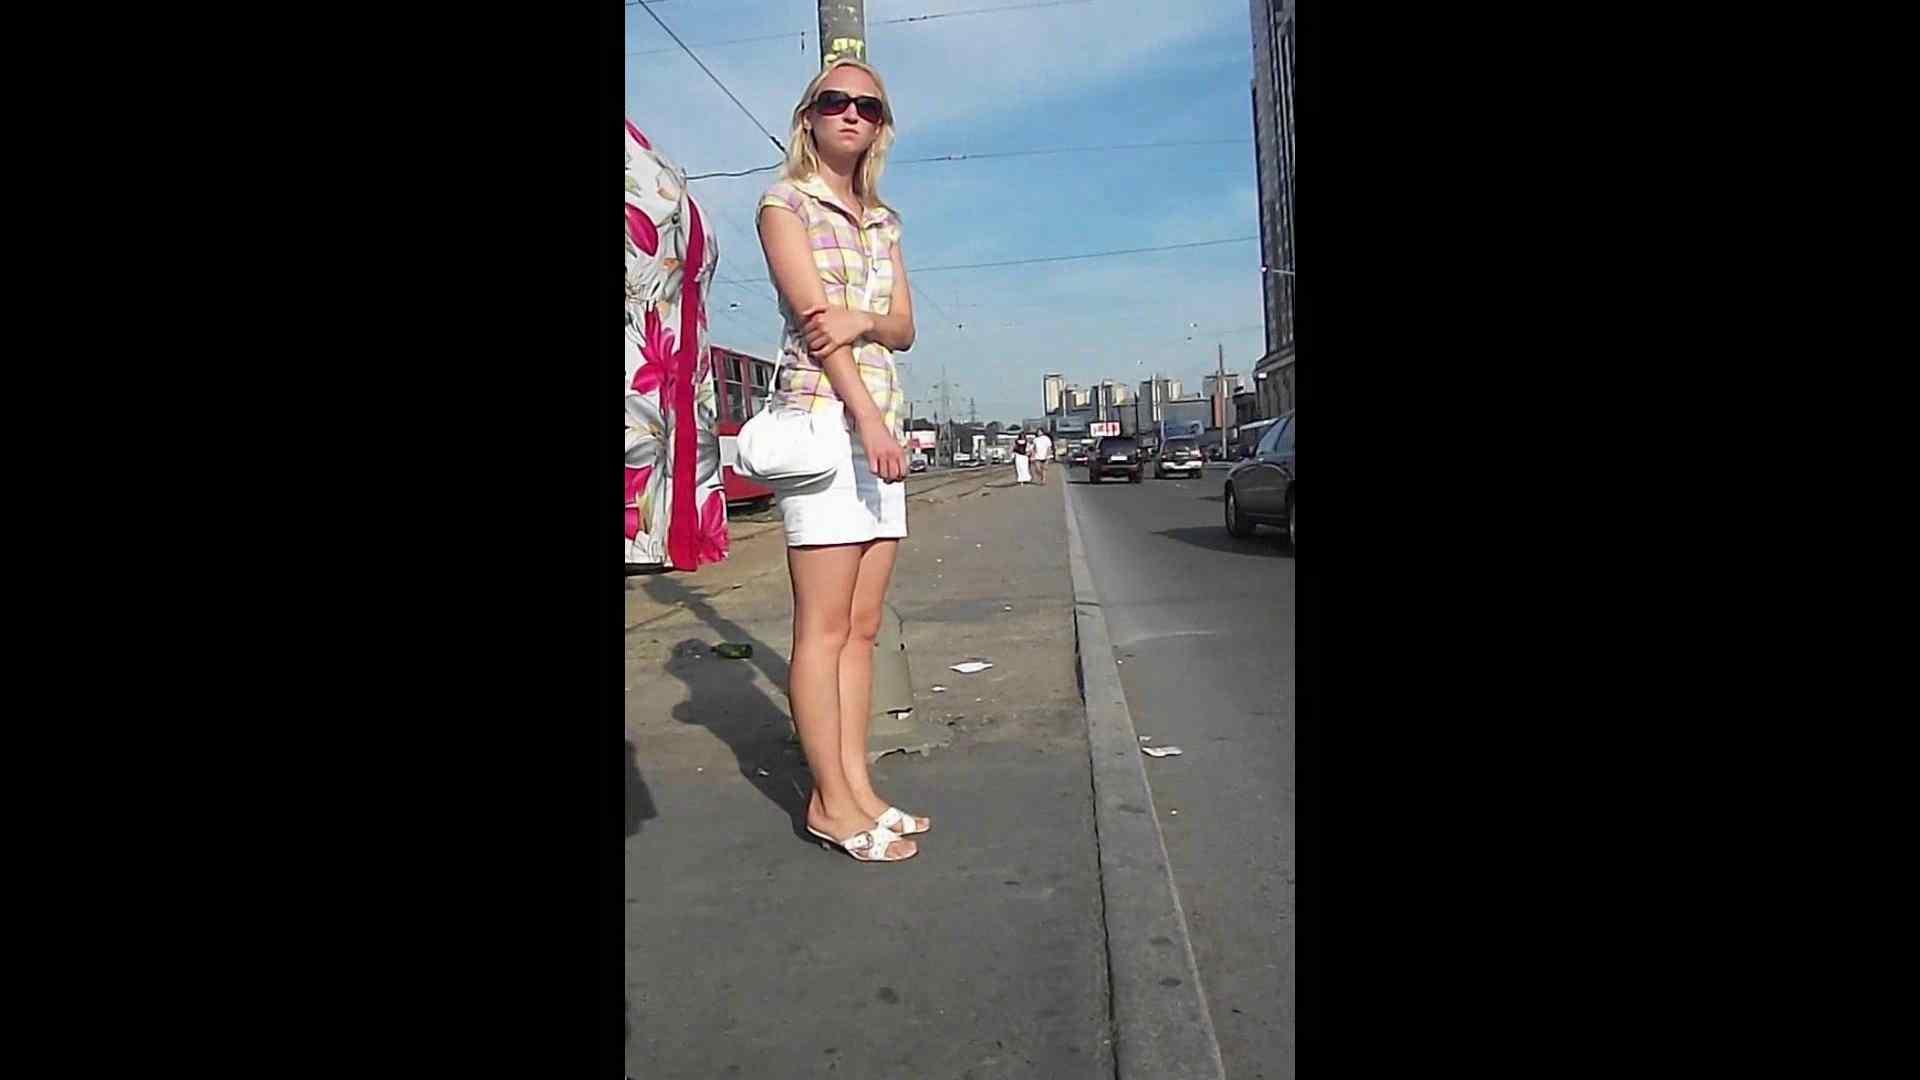 綺麗なモデルさんのスカート捲っちゃおう‼vol05 モデルのエロ生活  62連発 3